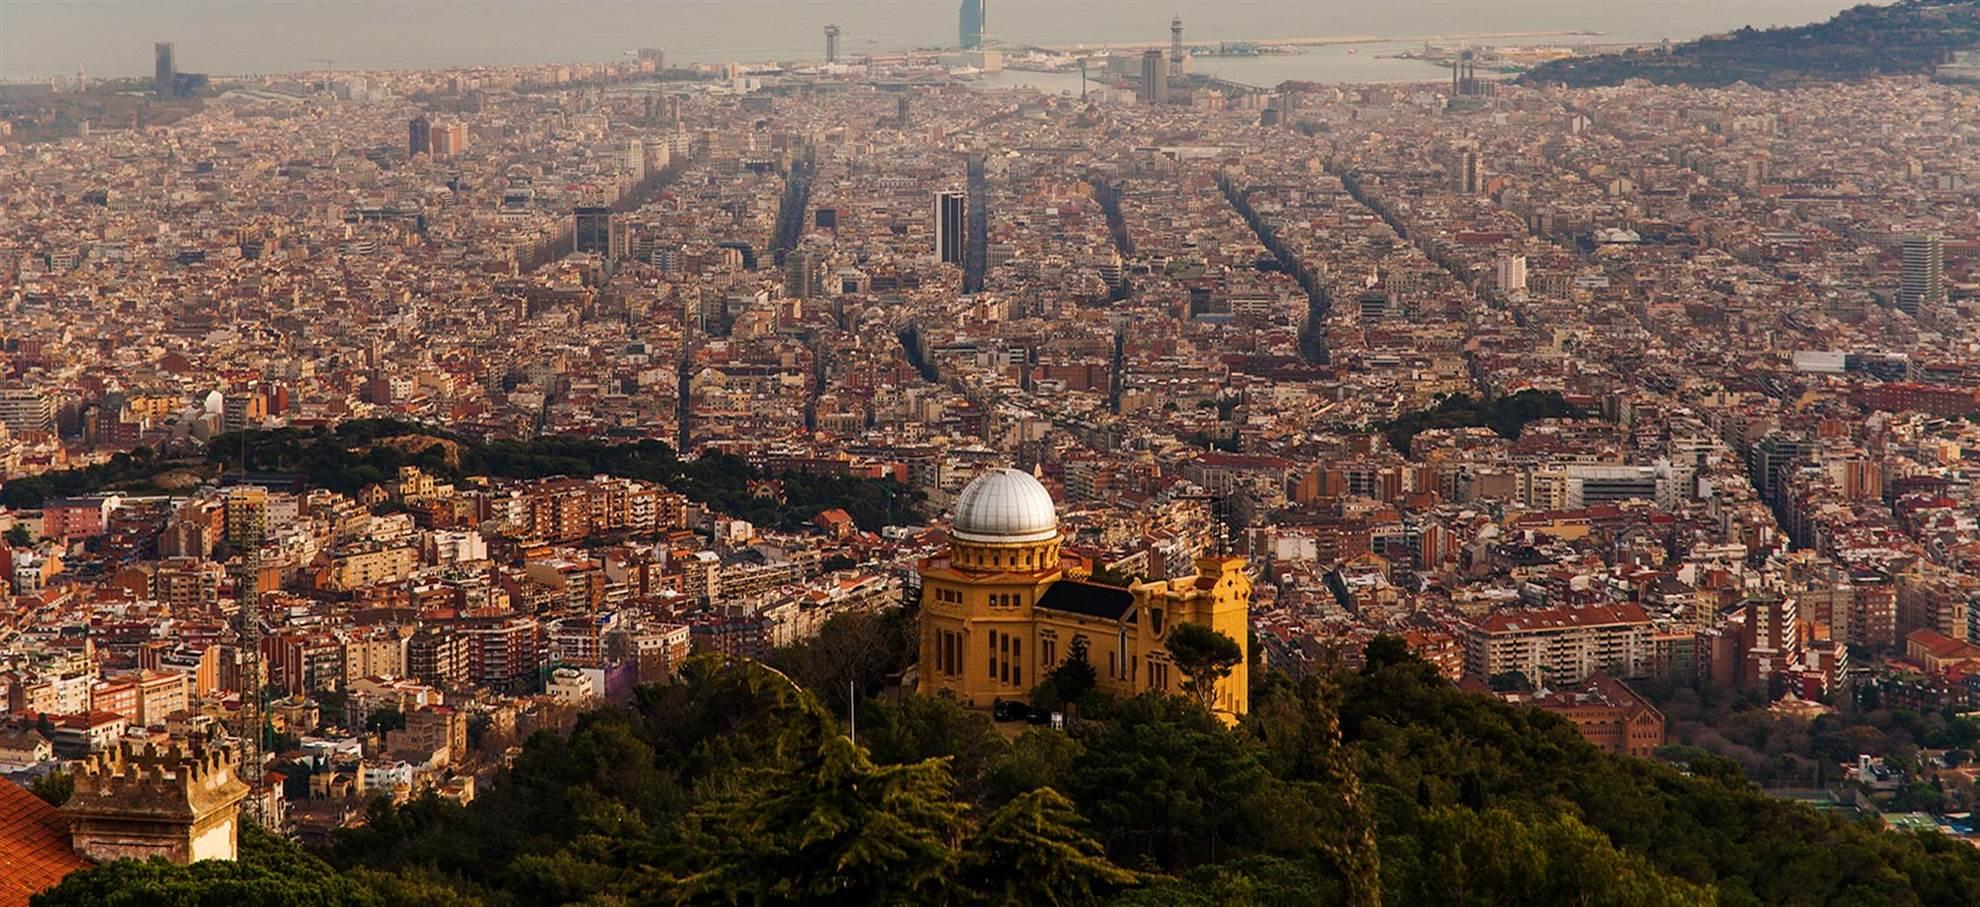 Vol panoramique en hélicoptère au-dessus de Barcelone